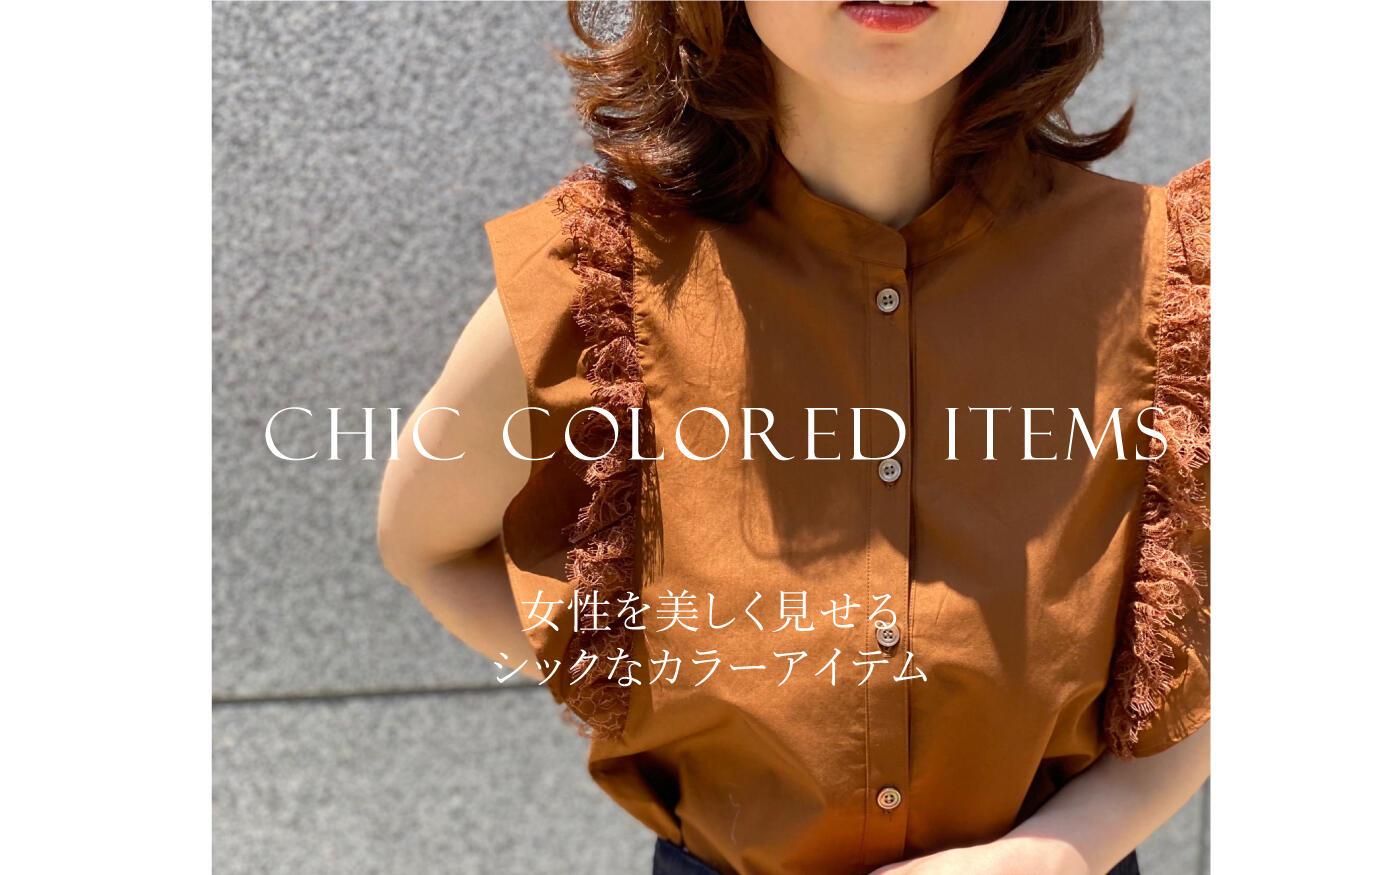 Summer chic colored items ー女性を美しく見せる夏のシックカラーアイテムー